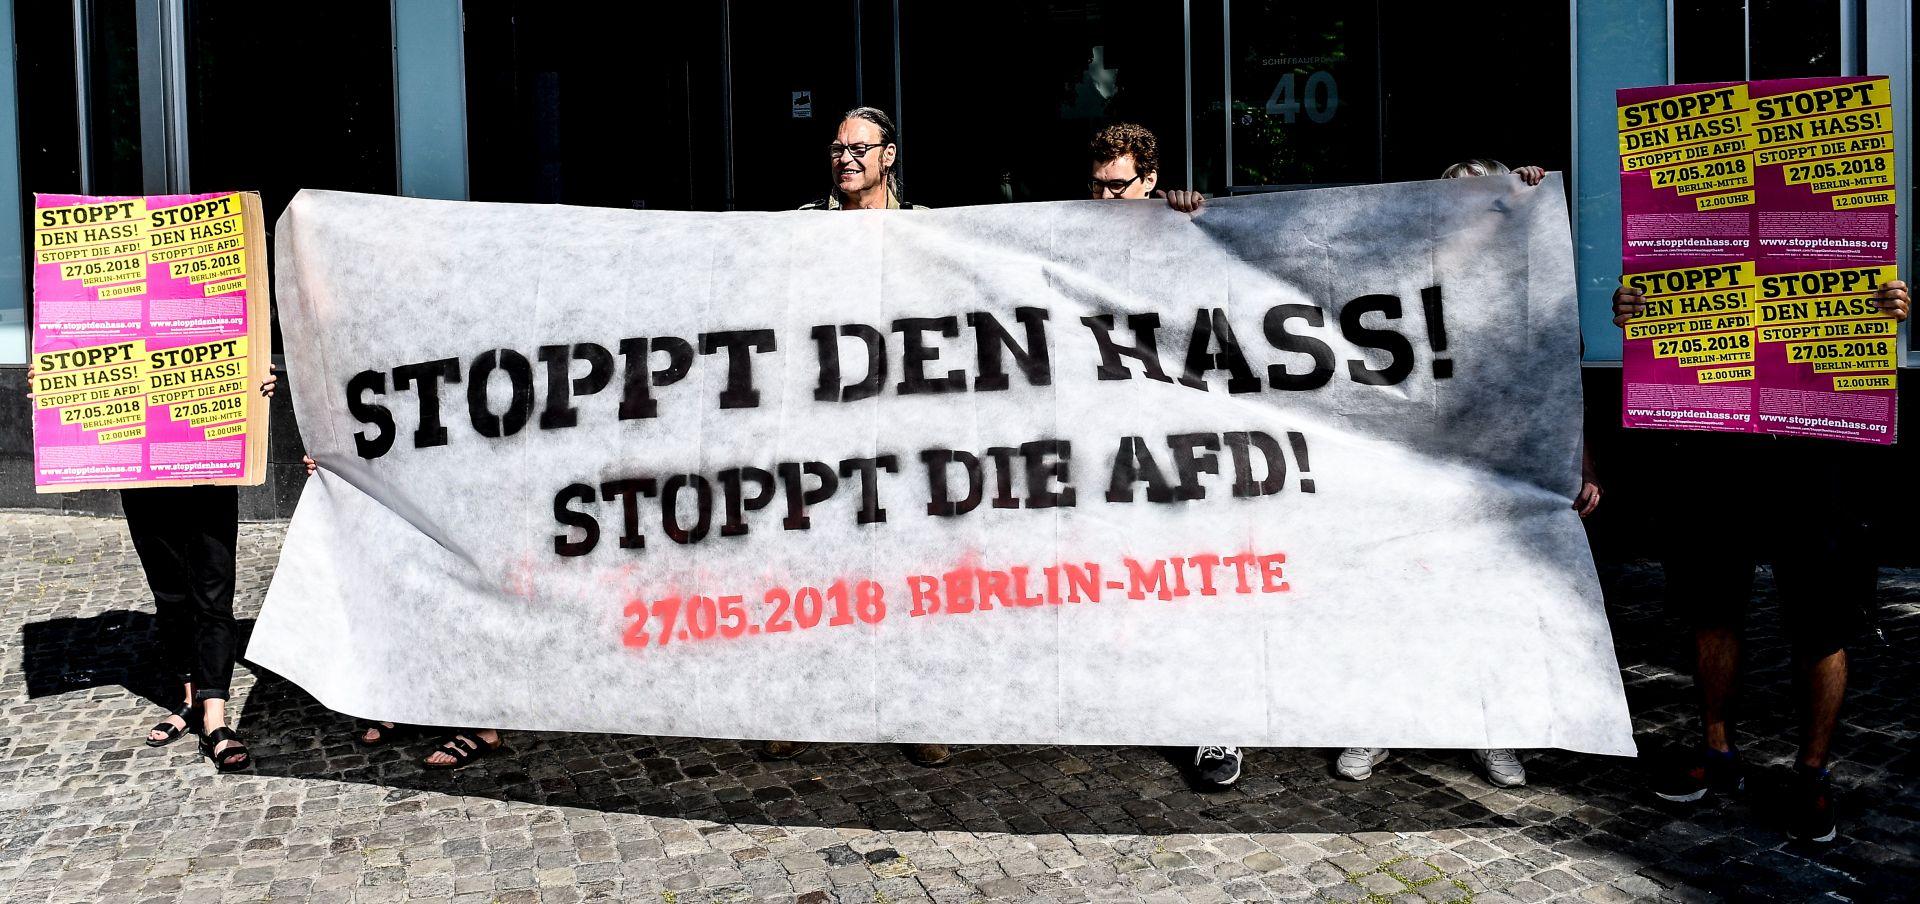 U Berlinu se očekuje 10.000 na skupovima krajnje desnice i protivnika